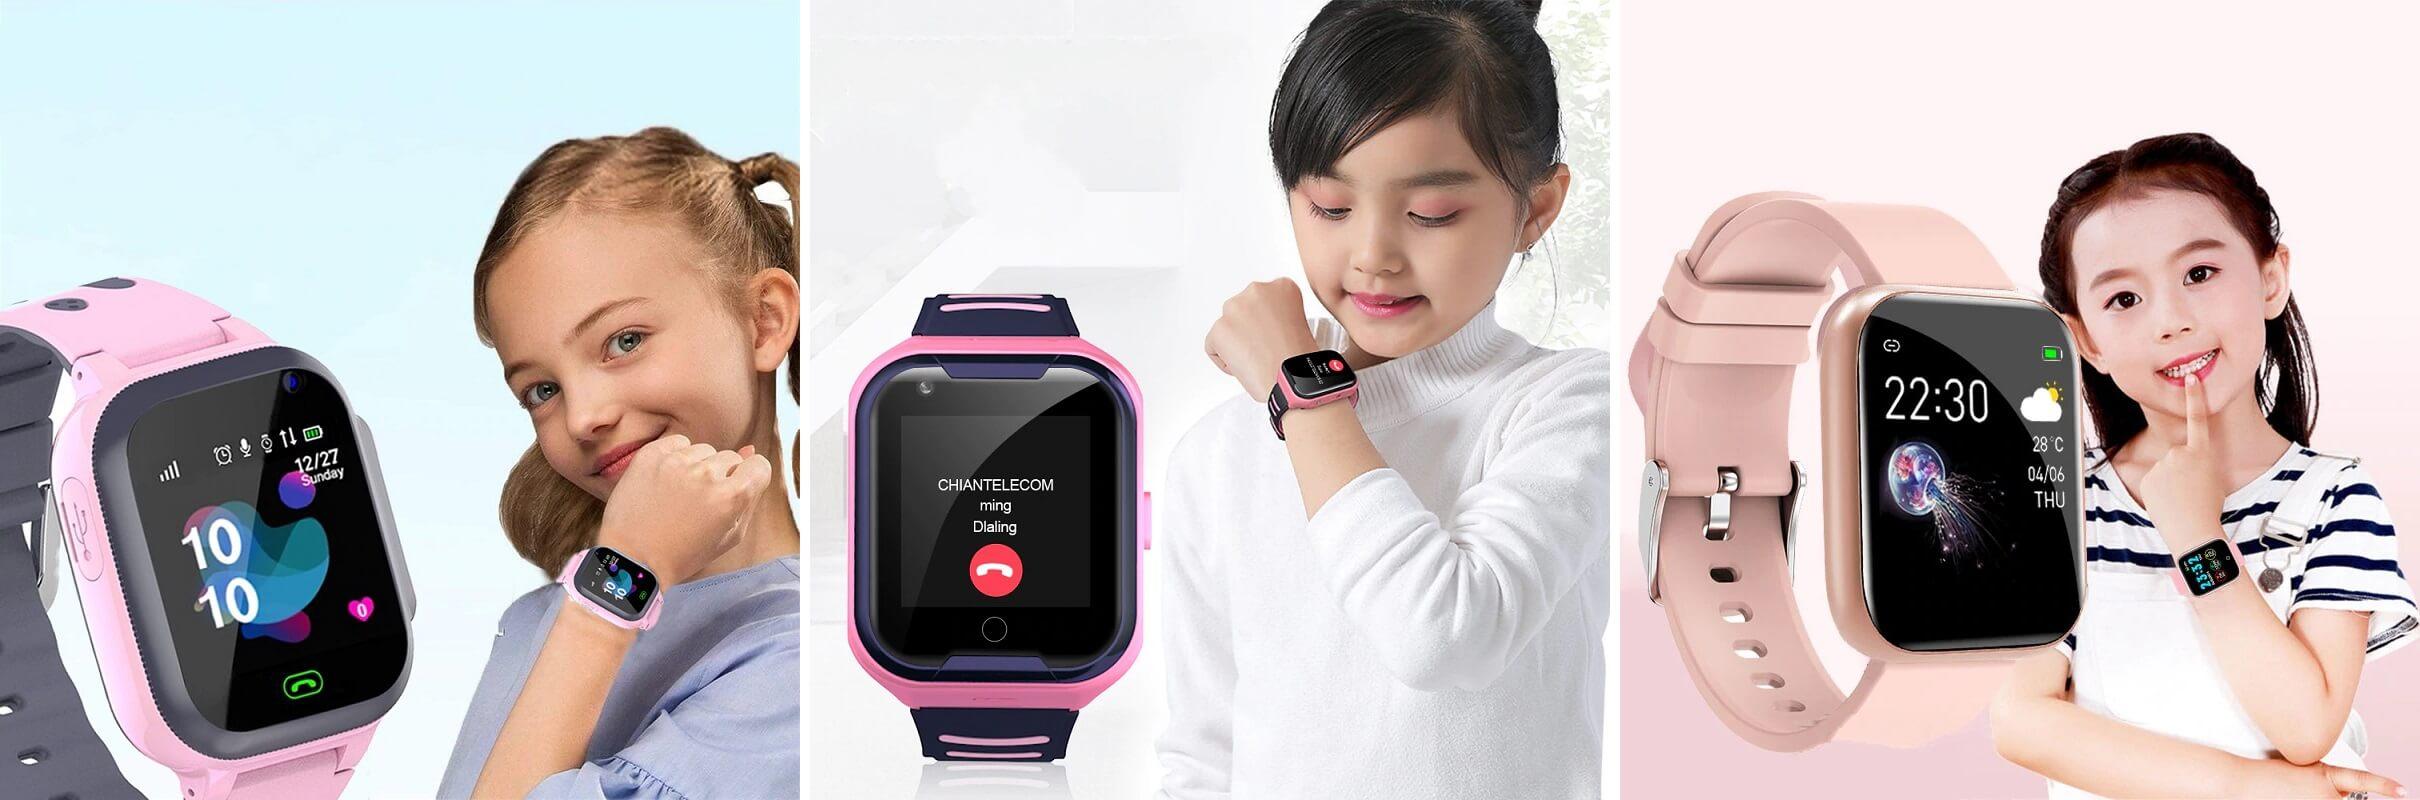 ТОП-10 детских смарт-часов с Алиэкспресс